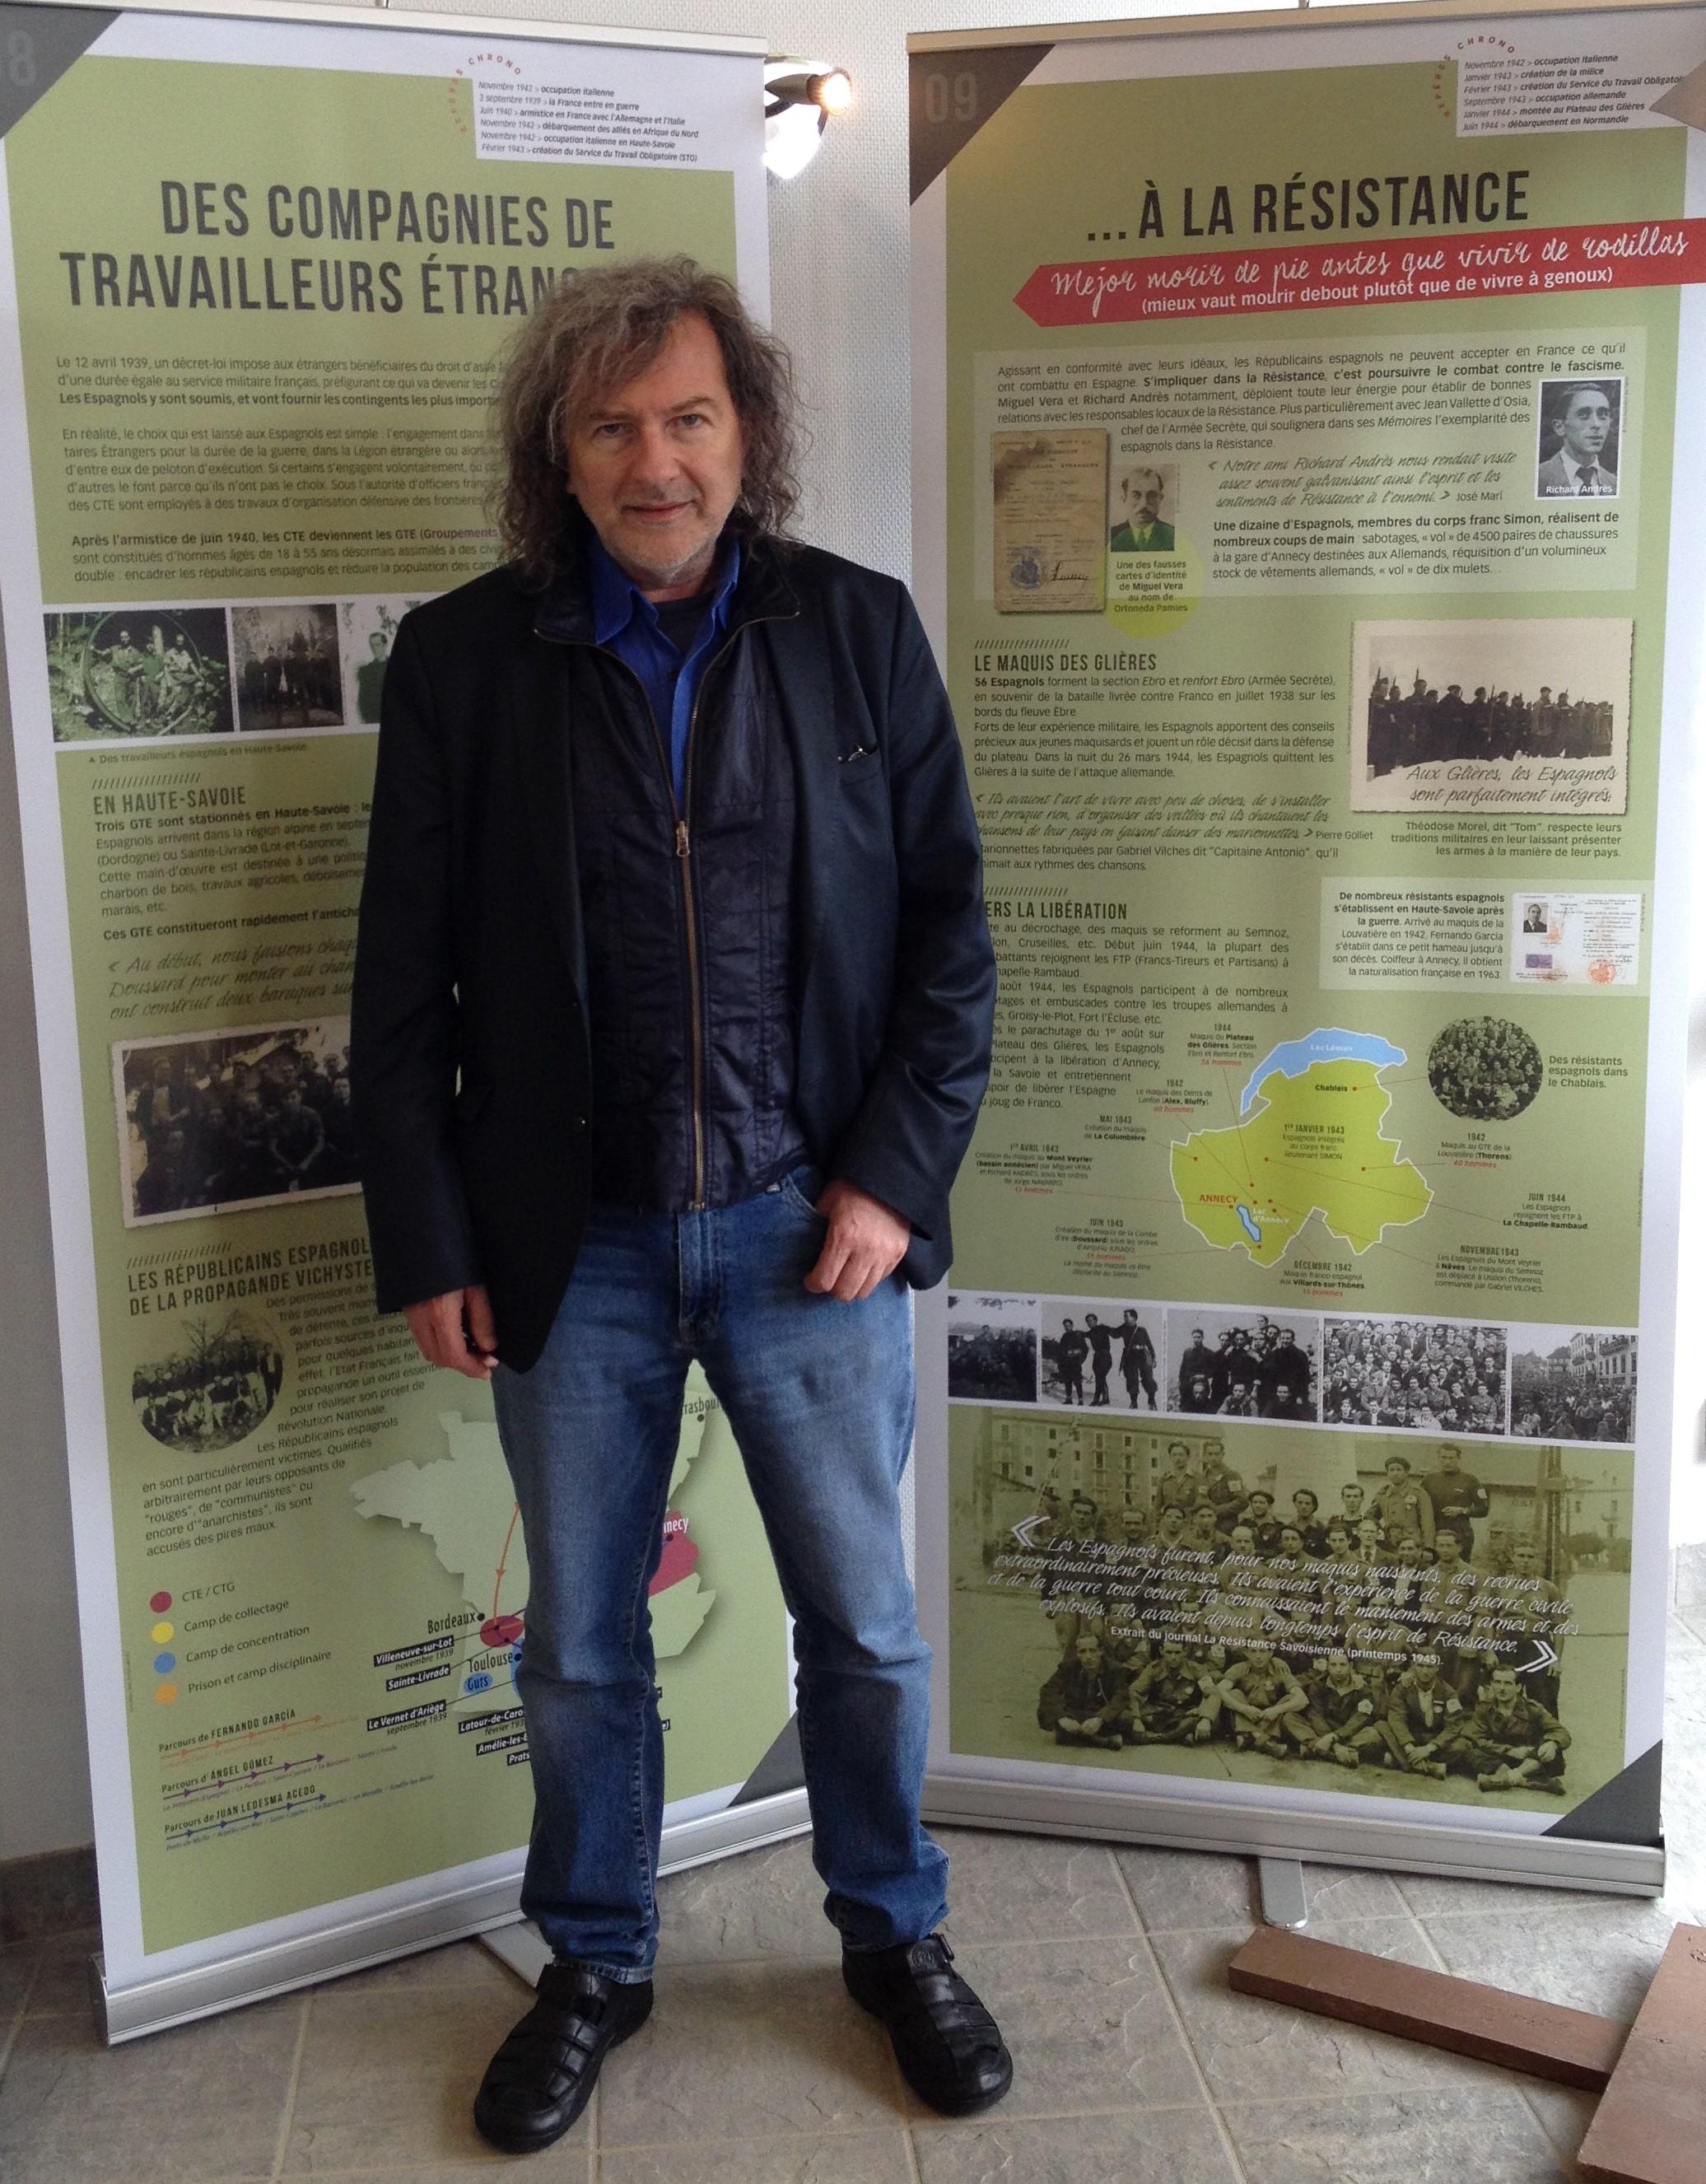 """Claudio Rodríguez Fer devant les panneaux de l'exposition """"En quête de Liberté"""" au plateau des Glières en juillet 2017."""